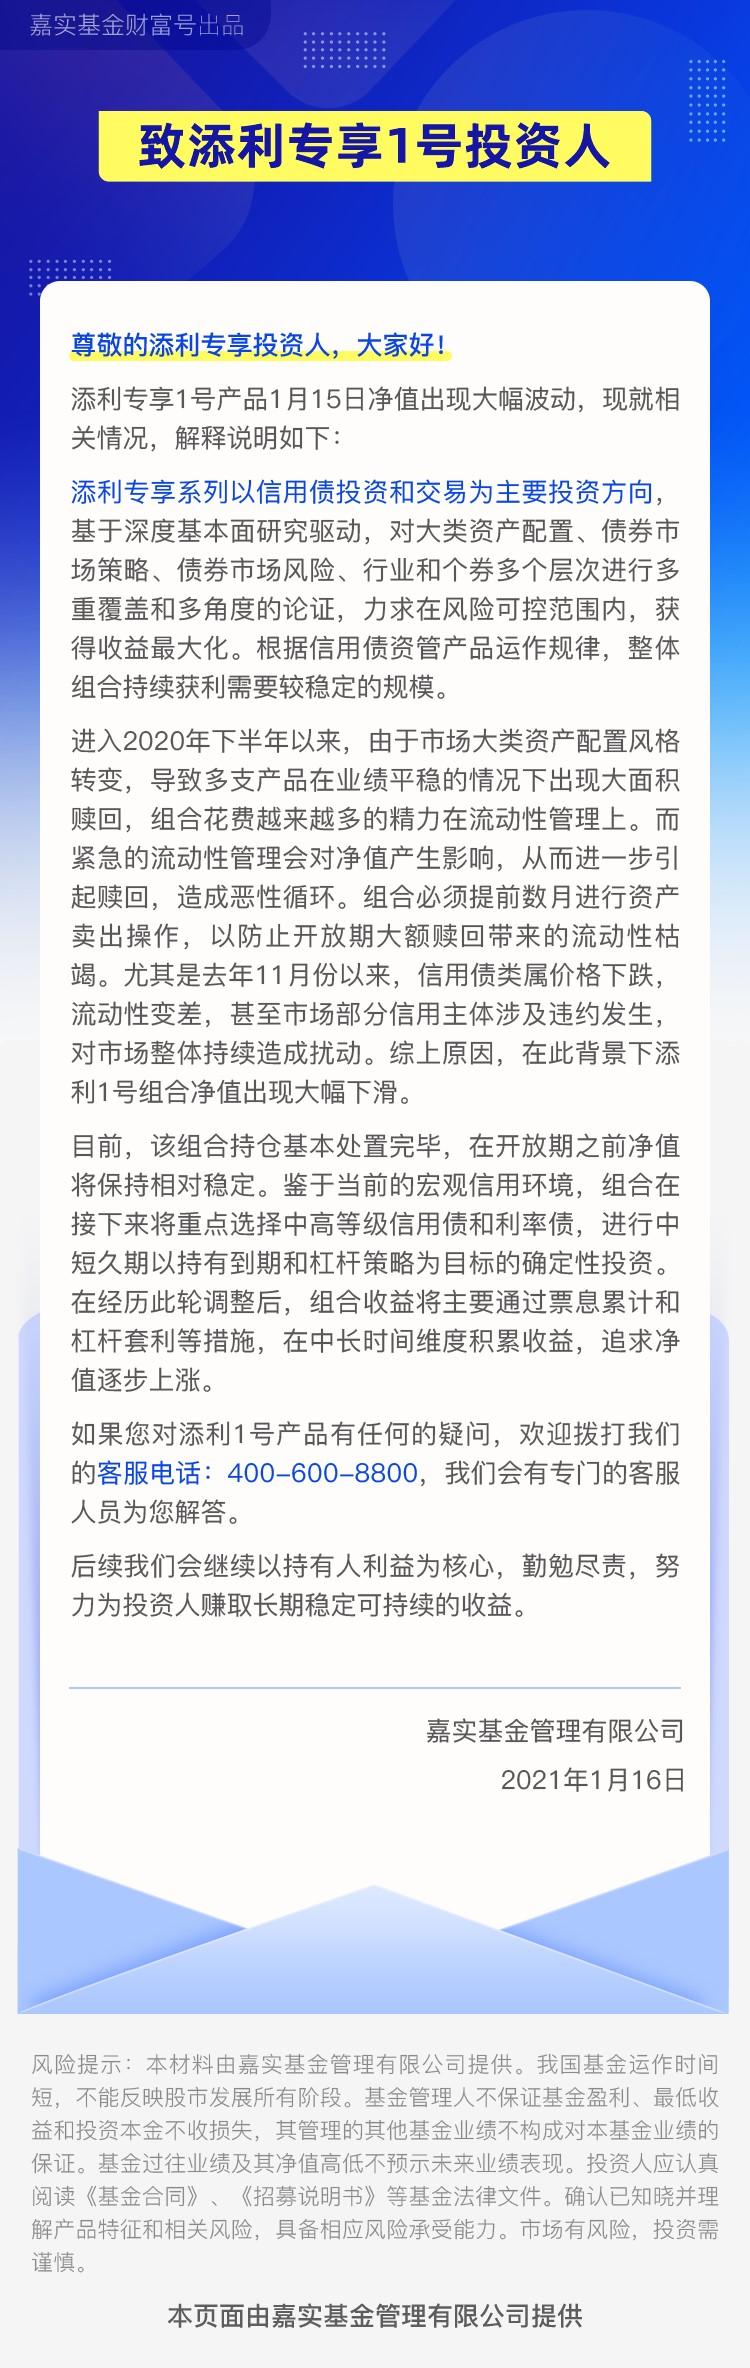 """独家   嘉实基金陷""""净值风波"""":旗下固收专户单周下跌近11%"""